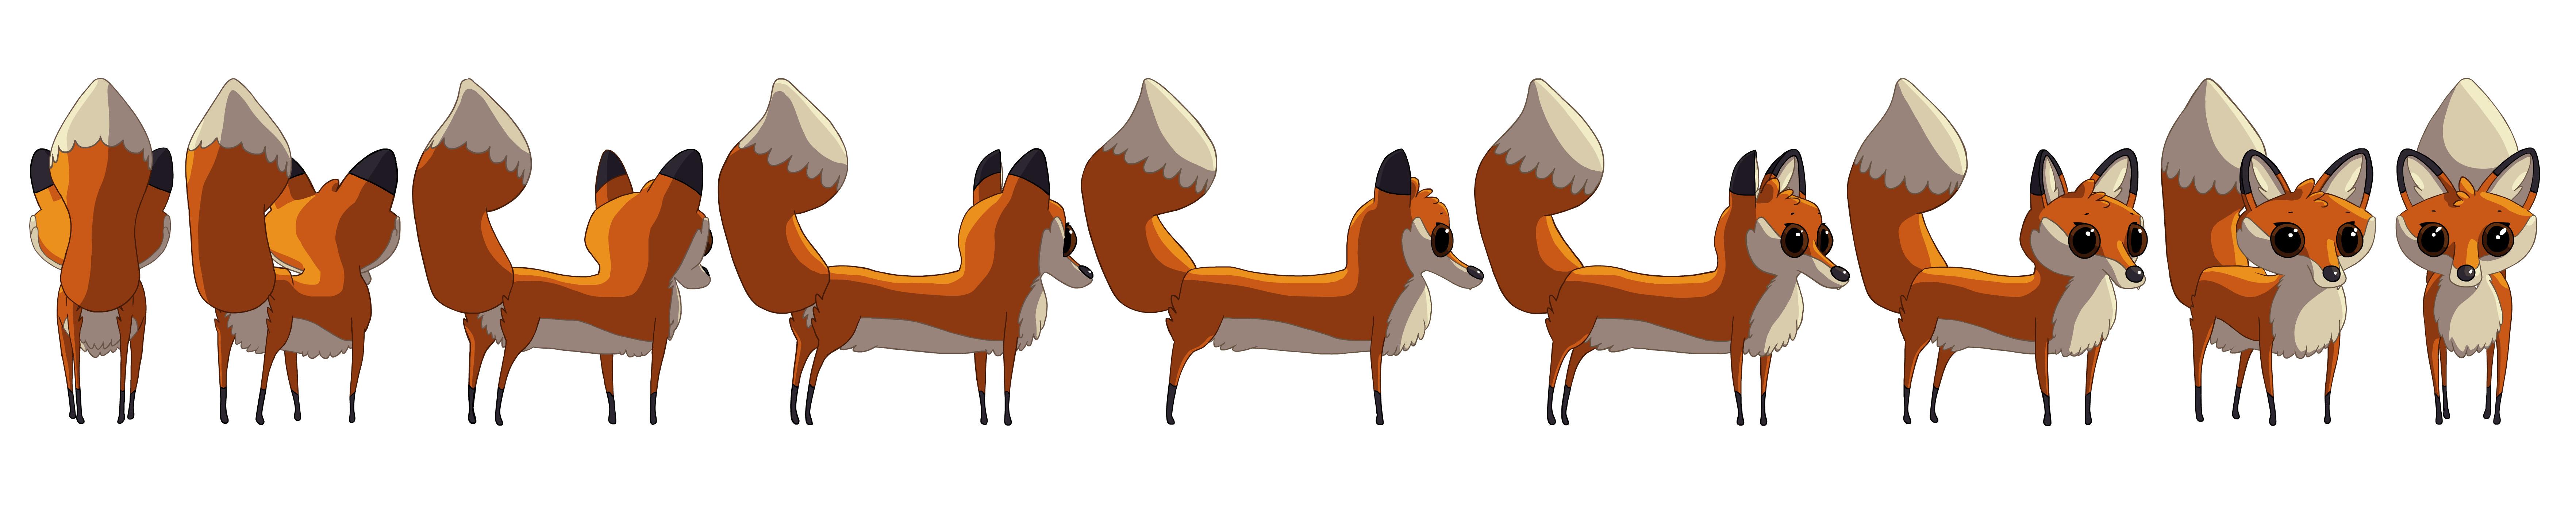 foxturn